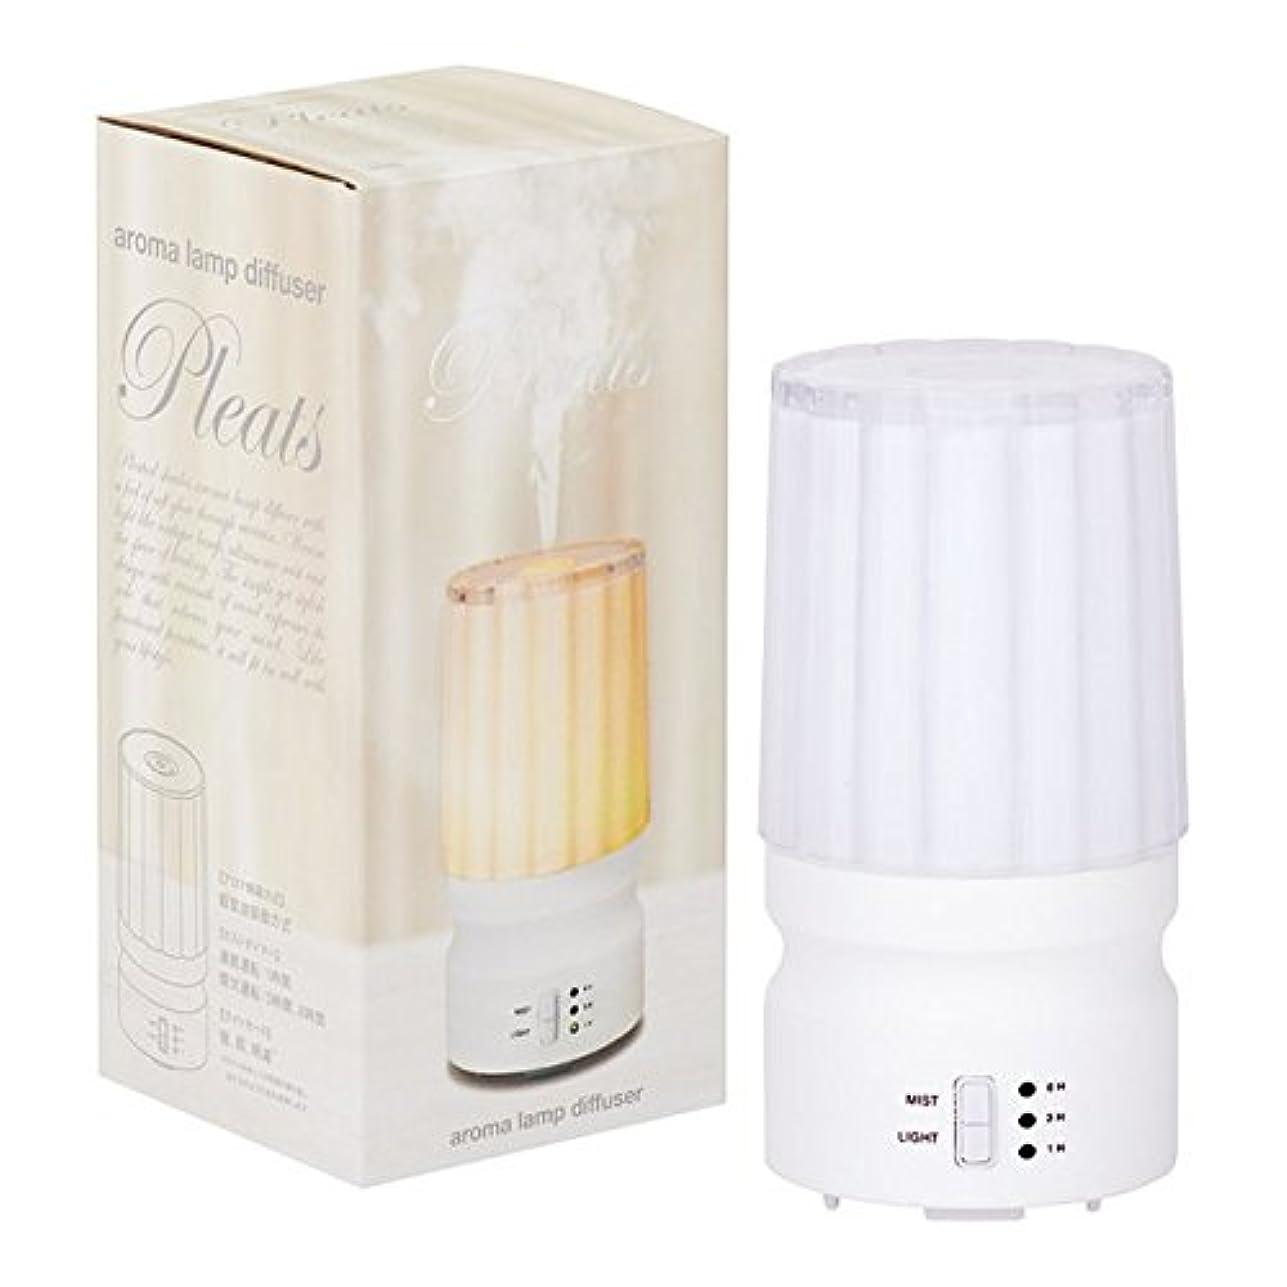 スタジオおとこ容器アロマランプディフューザーaroma lamp diffuer【タイマー付】【保証書付(6ヶ月)】【プリーツ ホワイト】